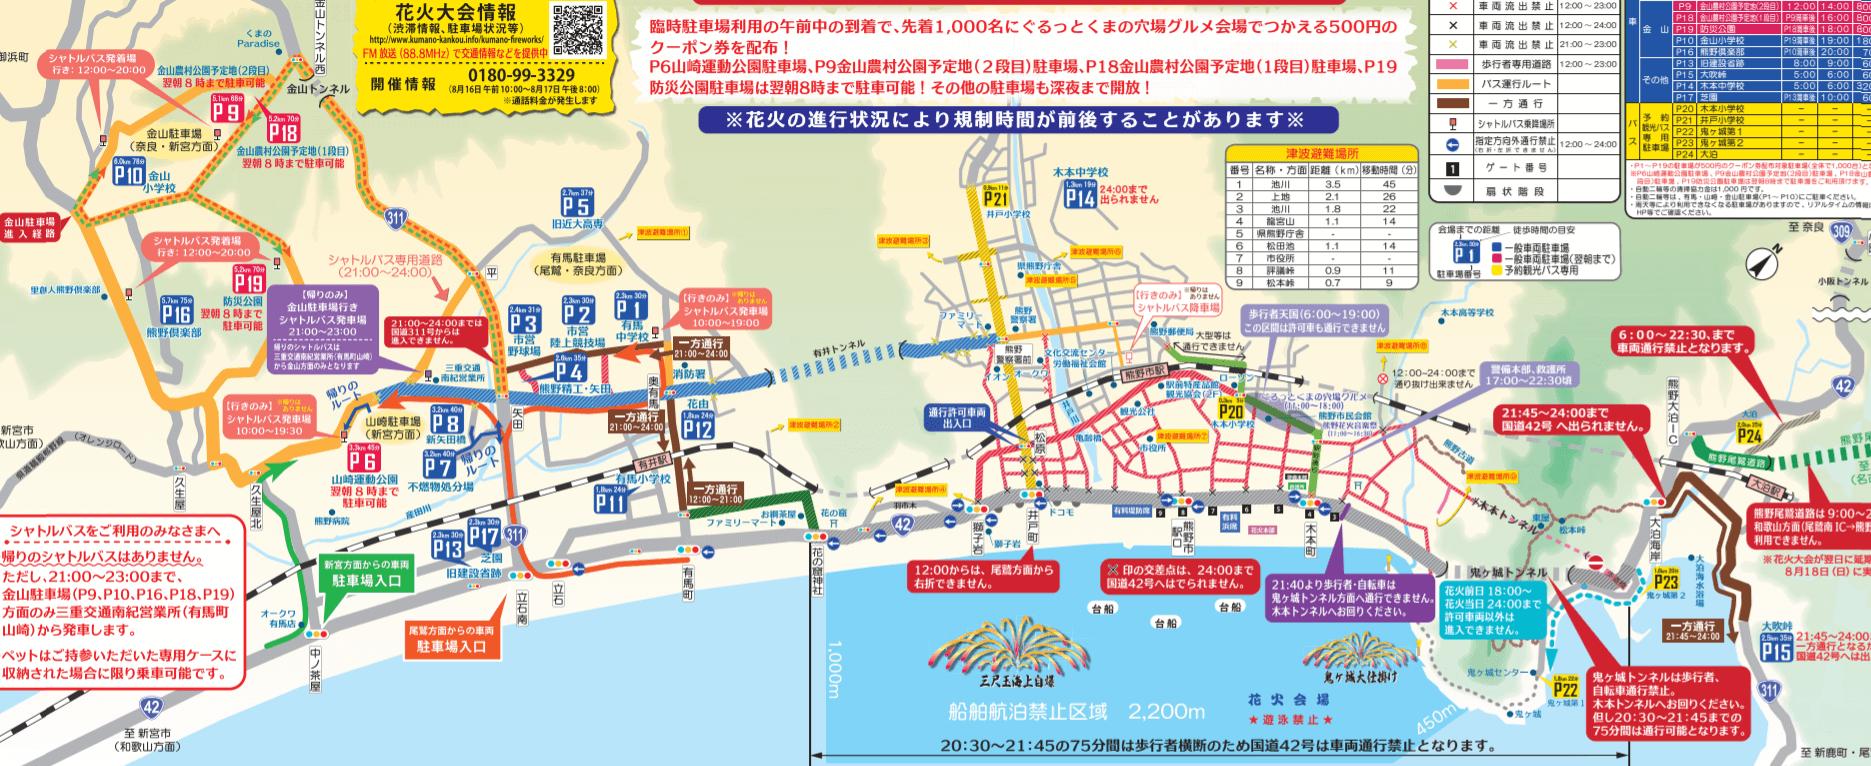 熊野大花火大会 交通規制 駐車場 地図